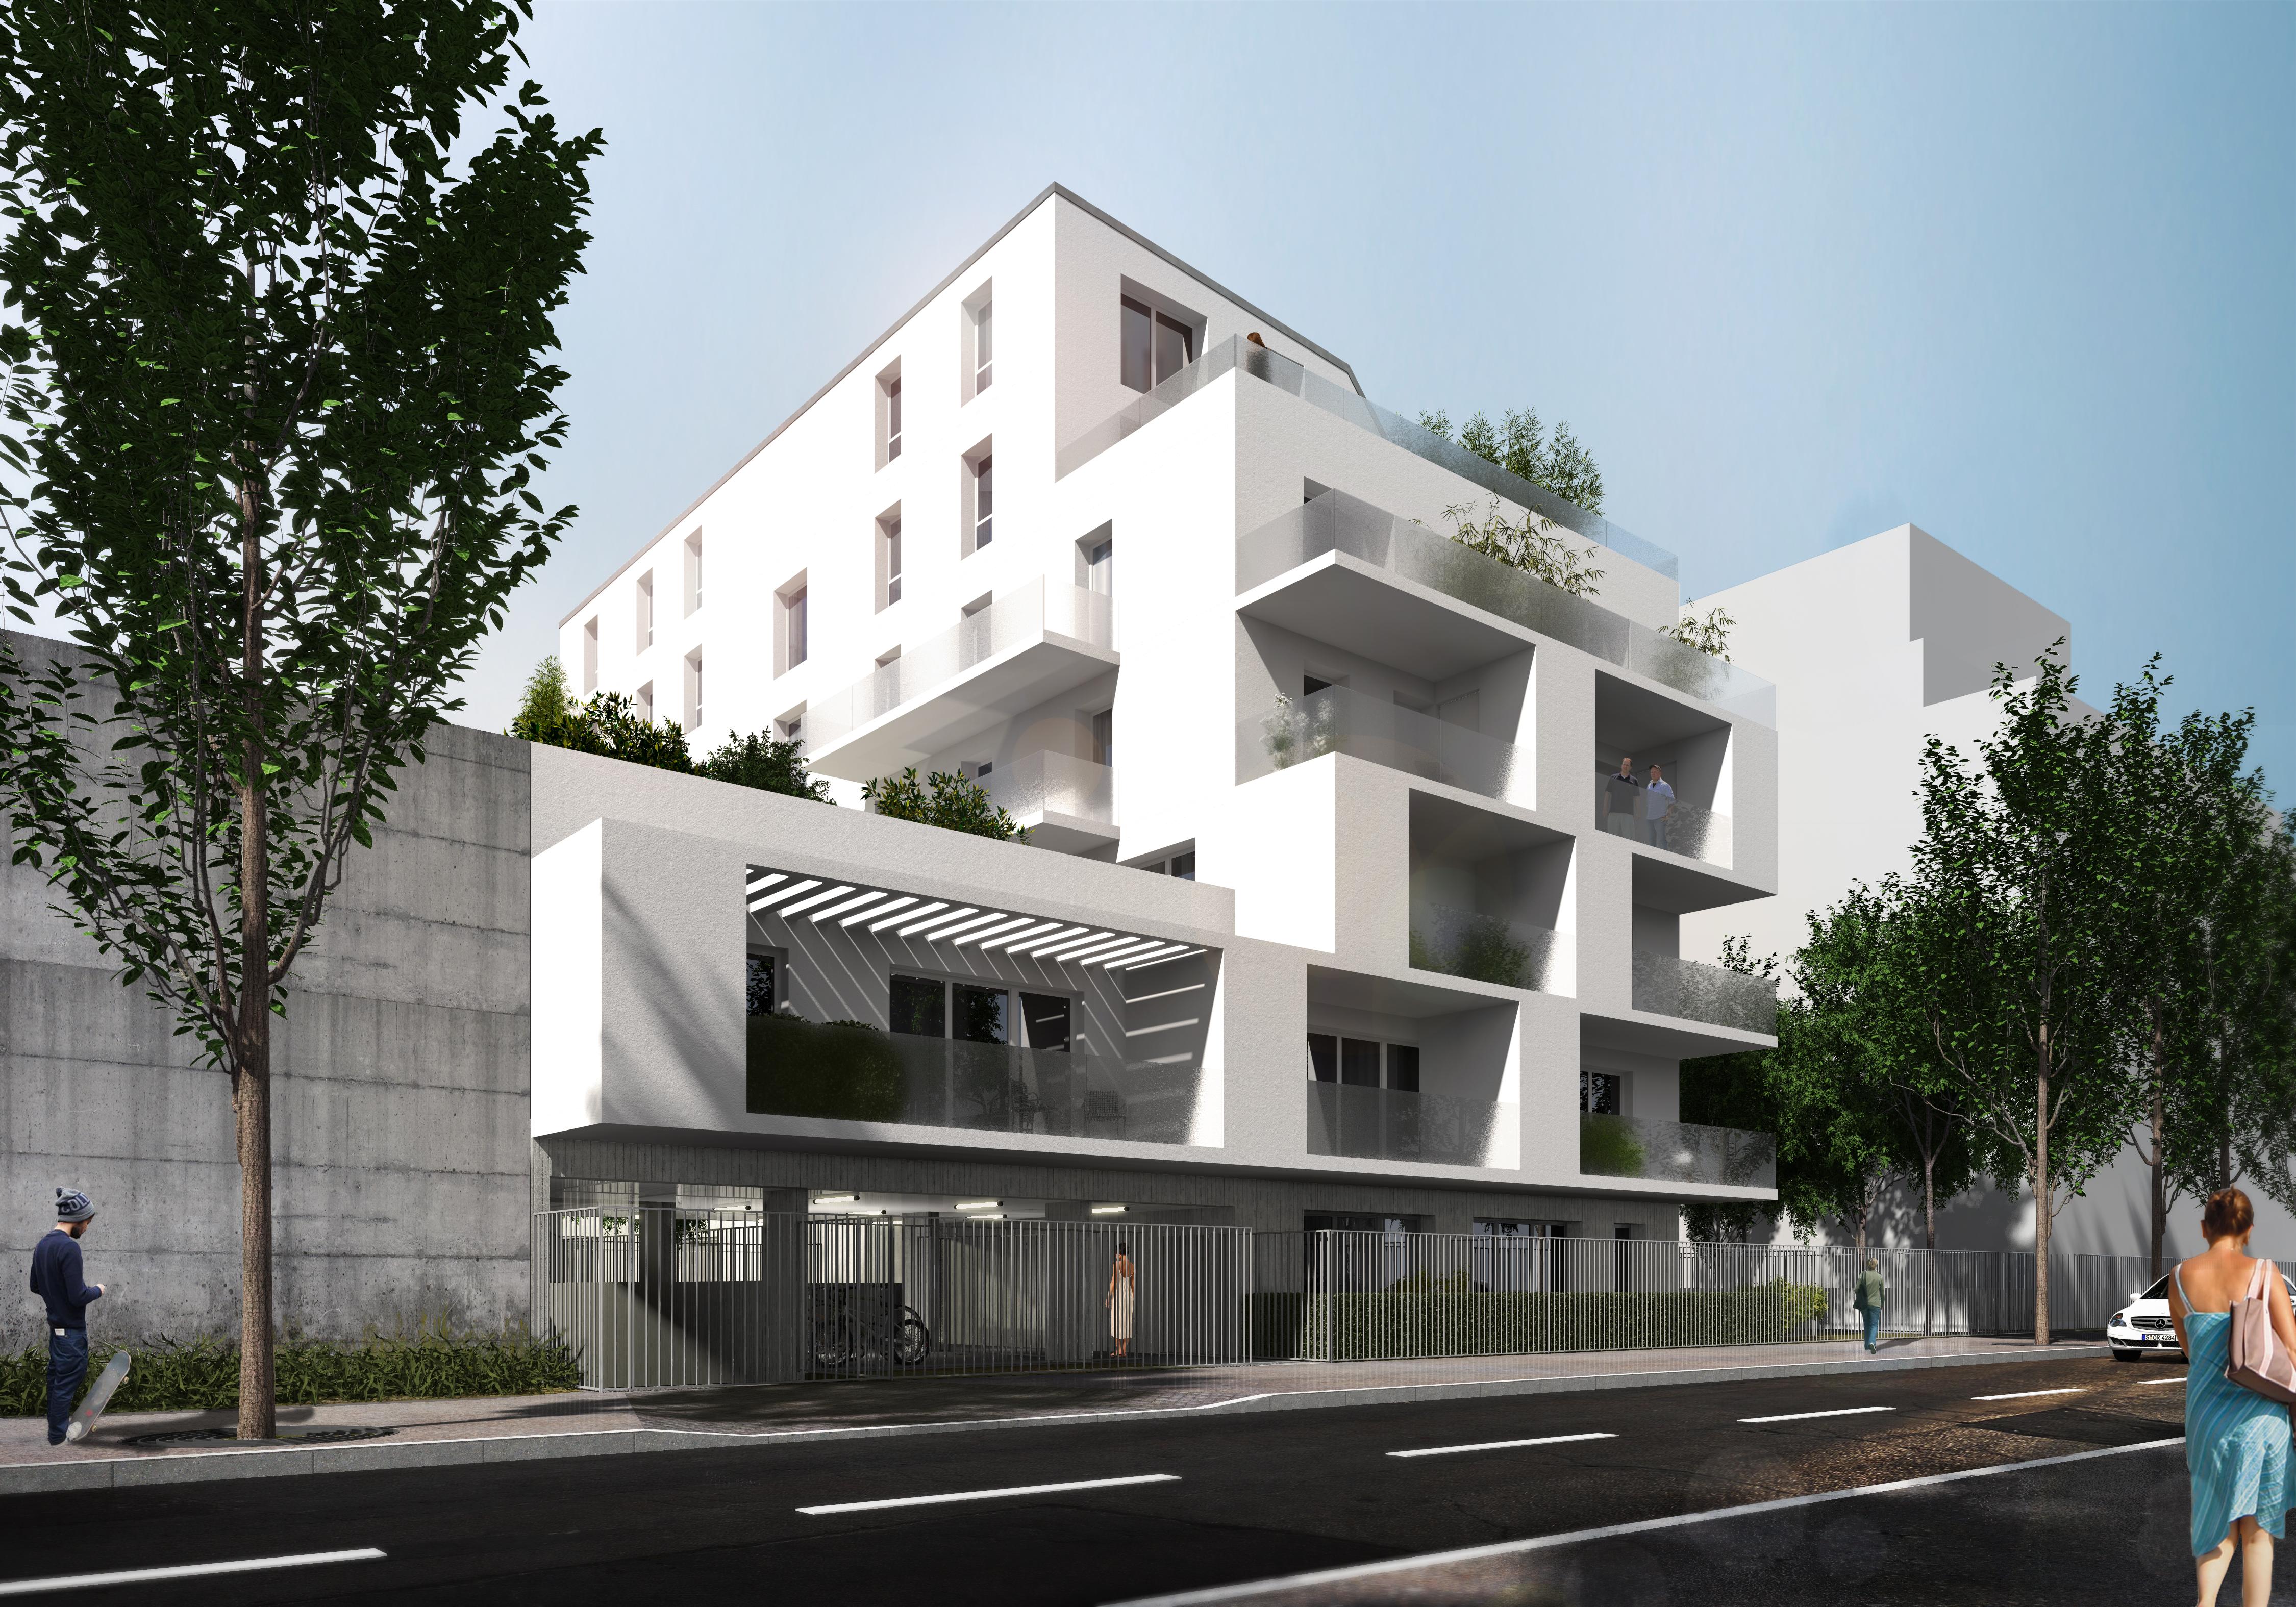 L-2015-08 Construction d'un immeuble de 30 logements - Choisy le Roi Vue Rue 01